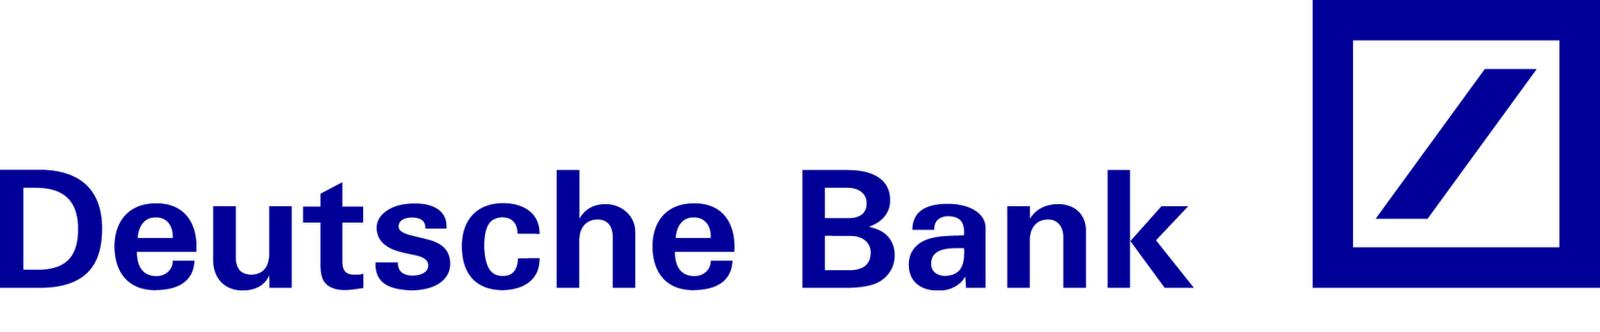 Resultados Da Pesquisa De Http 1 Bp Blogspot Com Kqj Fsczgk Tnd Fxmhv3i Aaaaaaaafhy Muu4djvfbuy S1600 Deutsche Finance Logo Banks Logo Investment Companies